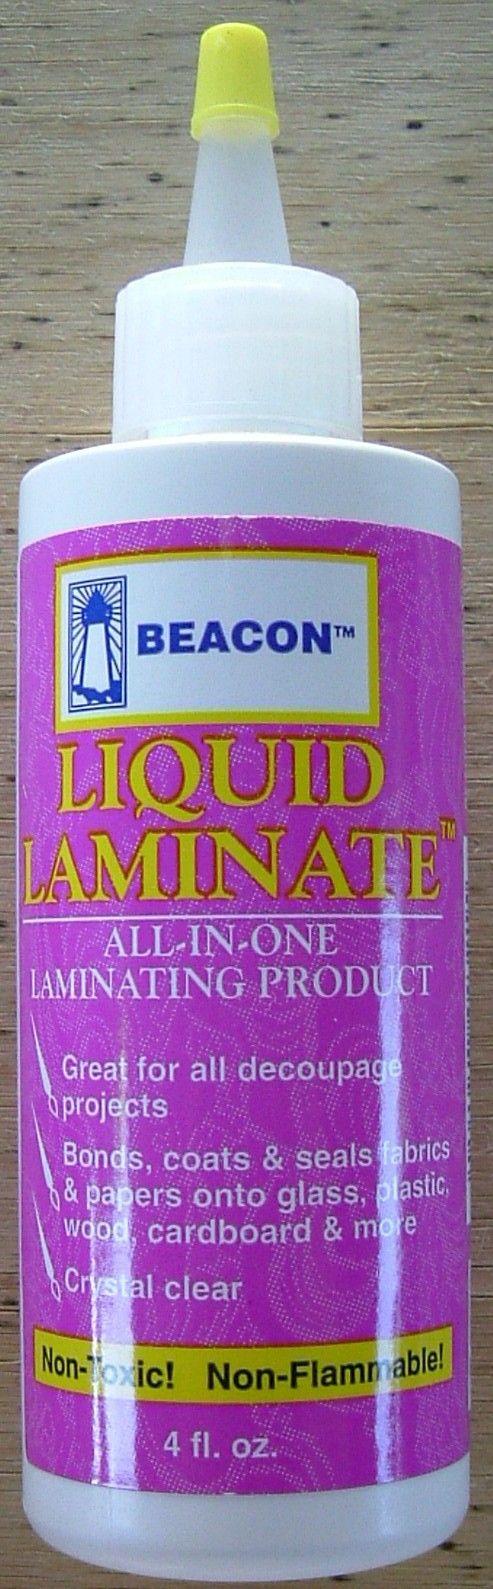 Liquid Laminate Crafts